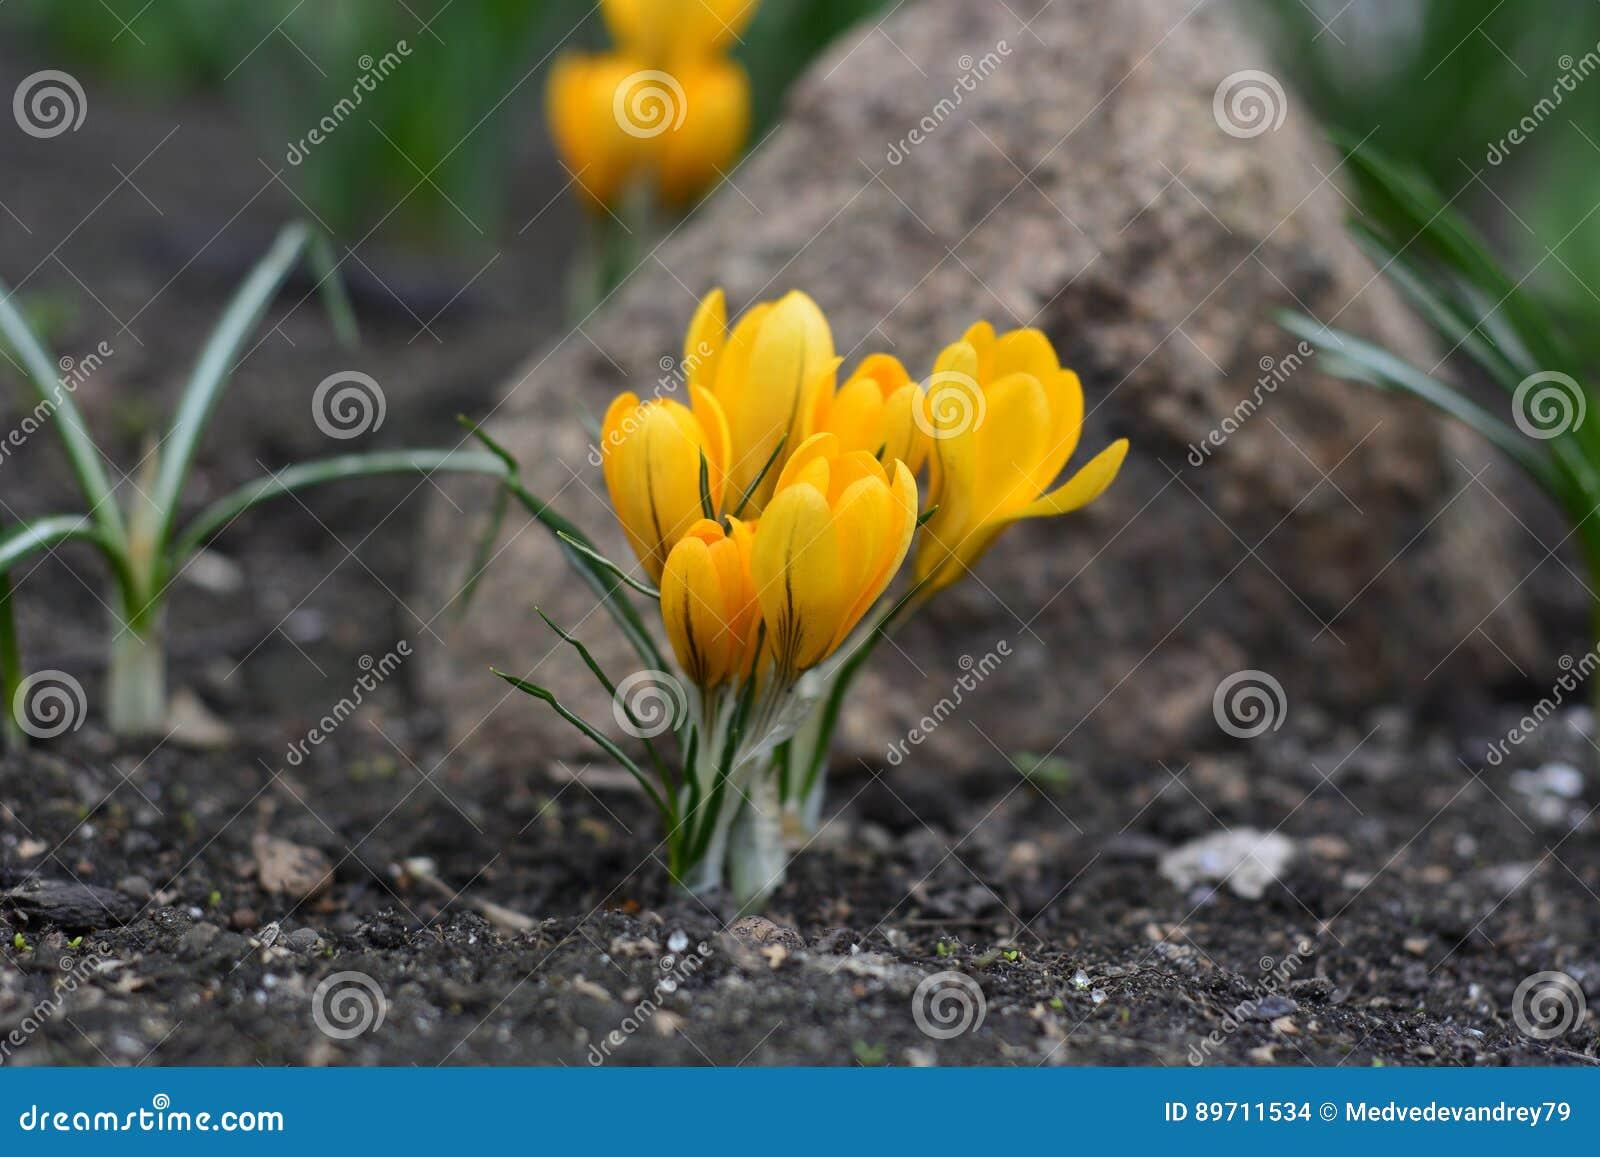 Azafrán amarilla de la flor de la primavera en el jardín en un fondo de  piedra